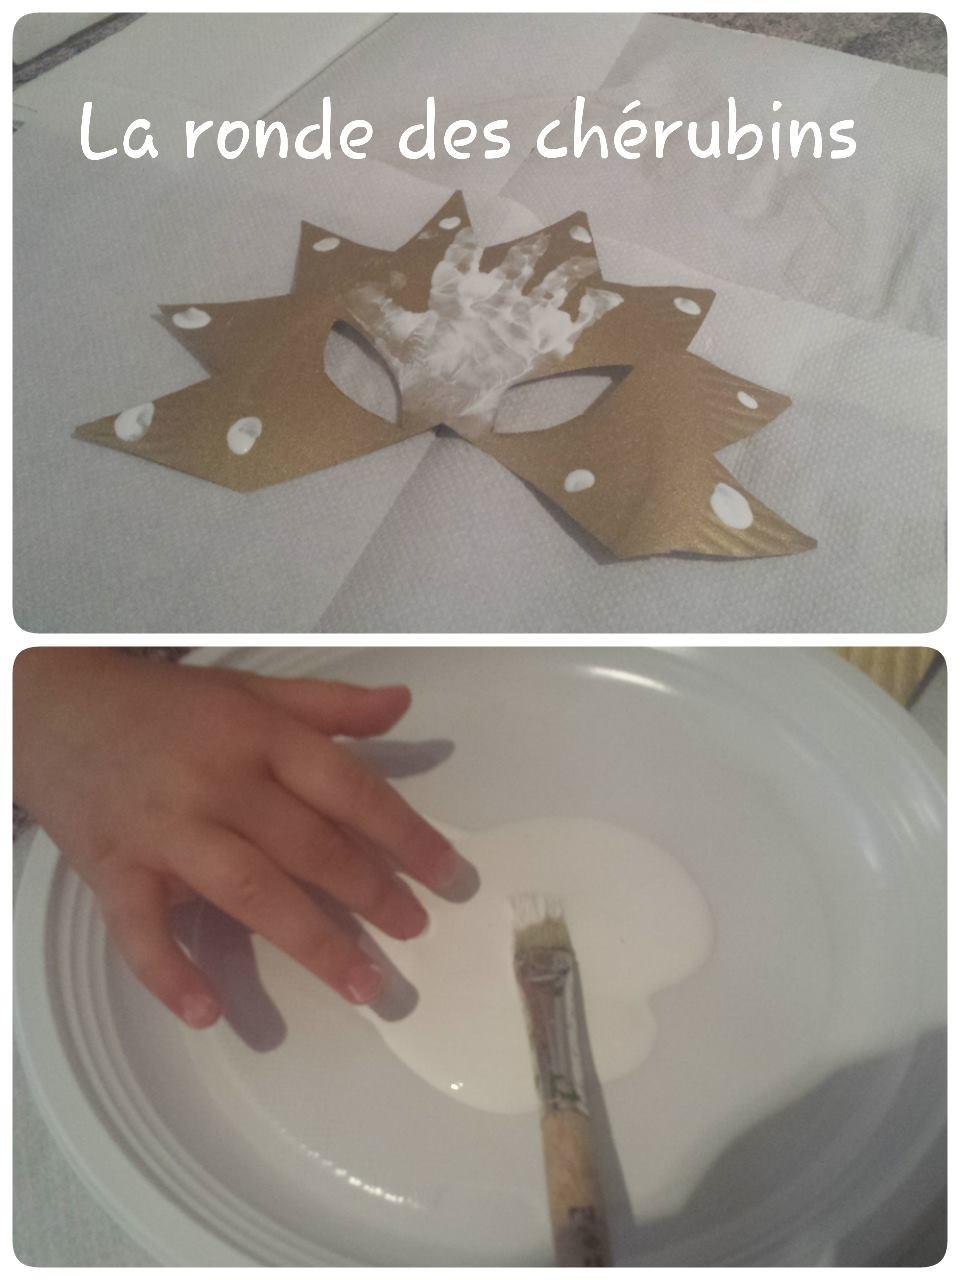 peinture avec le doigt, petite enfance villeparisis